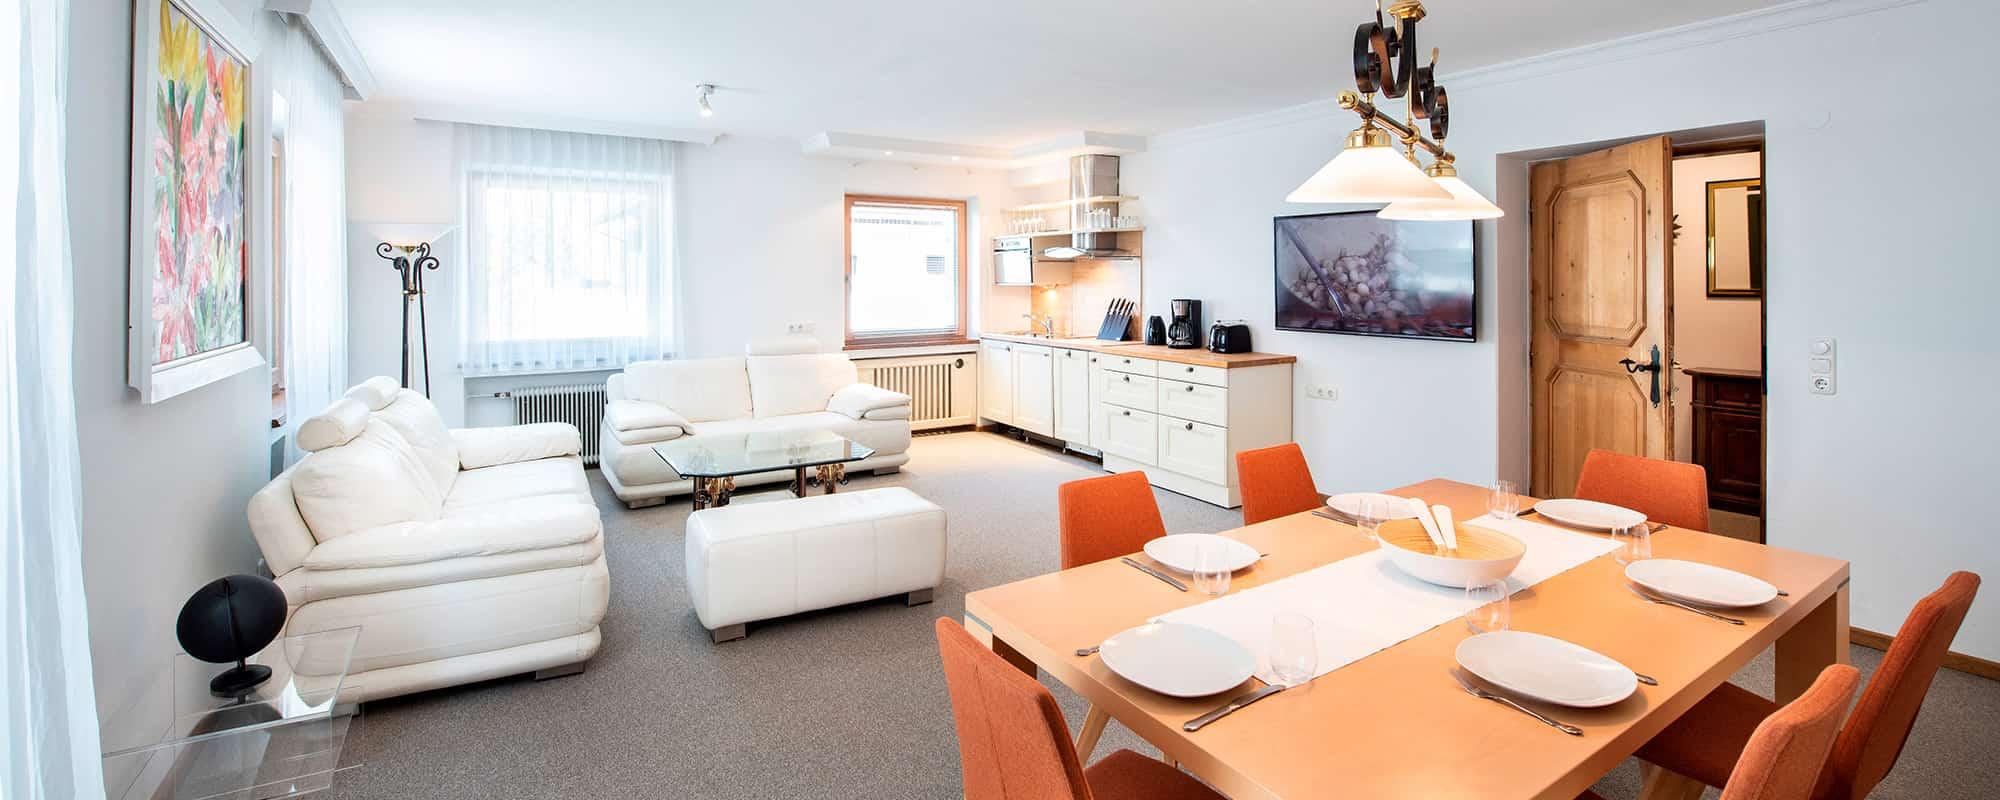 MANNI Home luxuriöser Urlaub in Mayrhofen